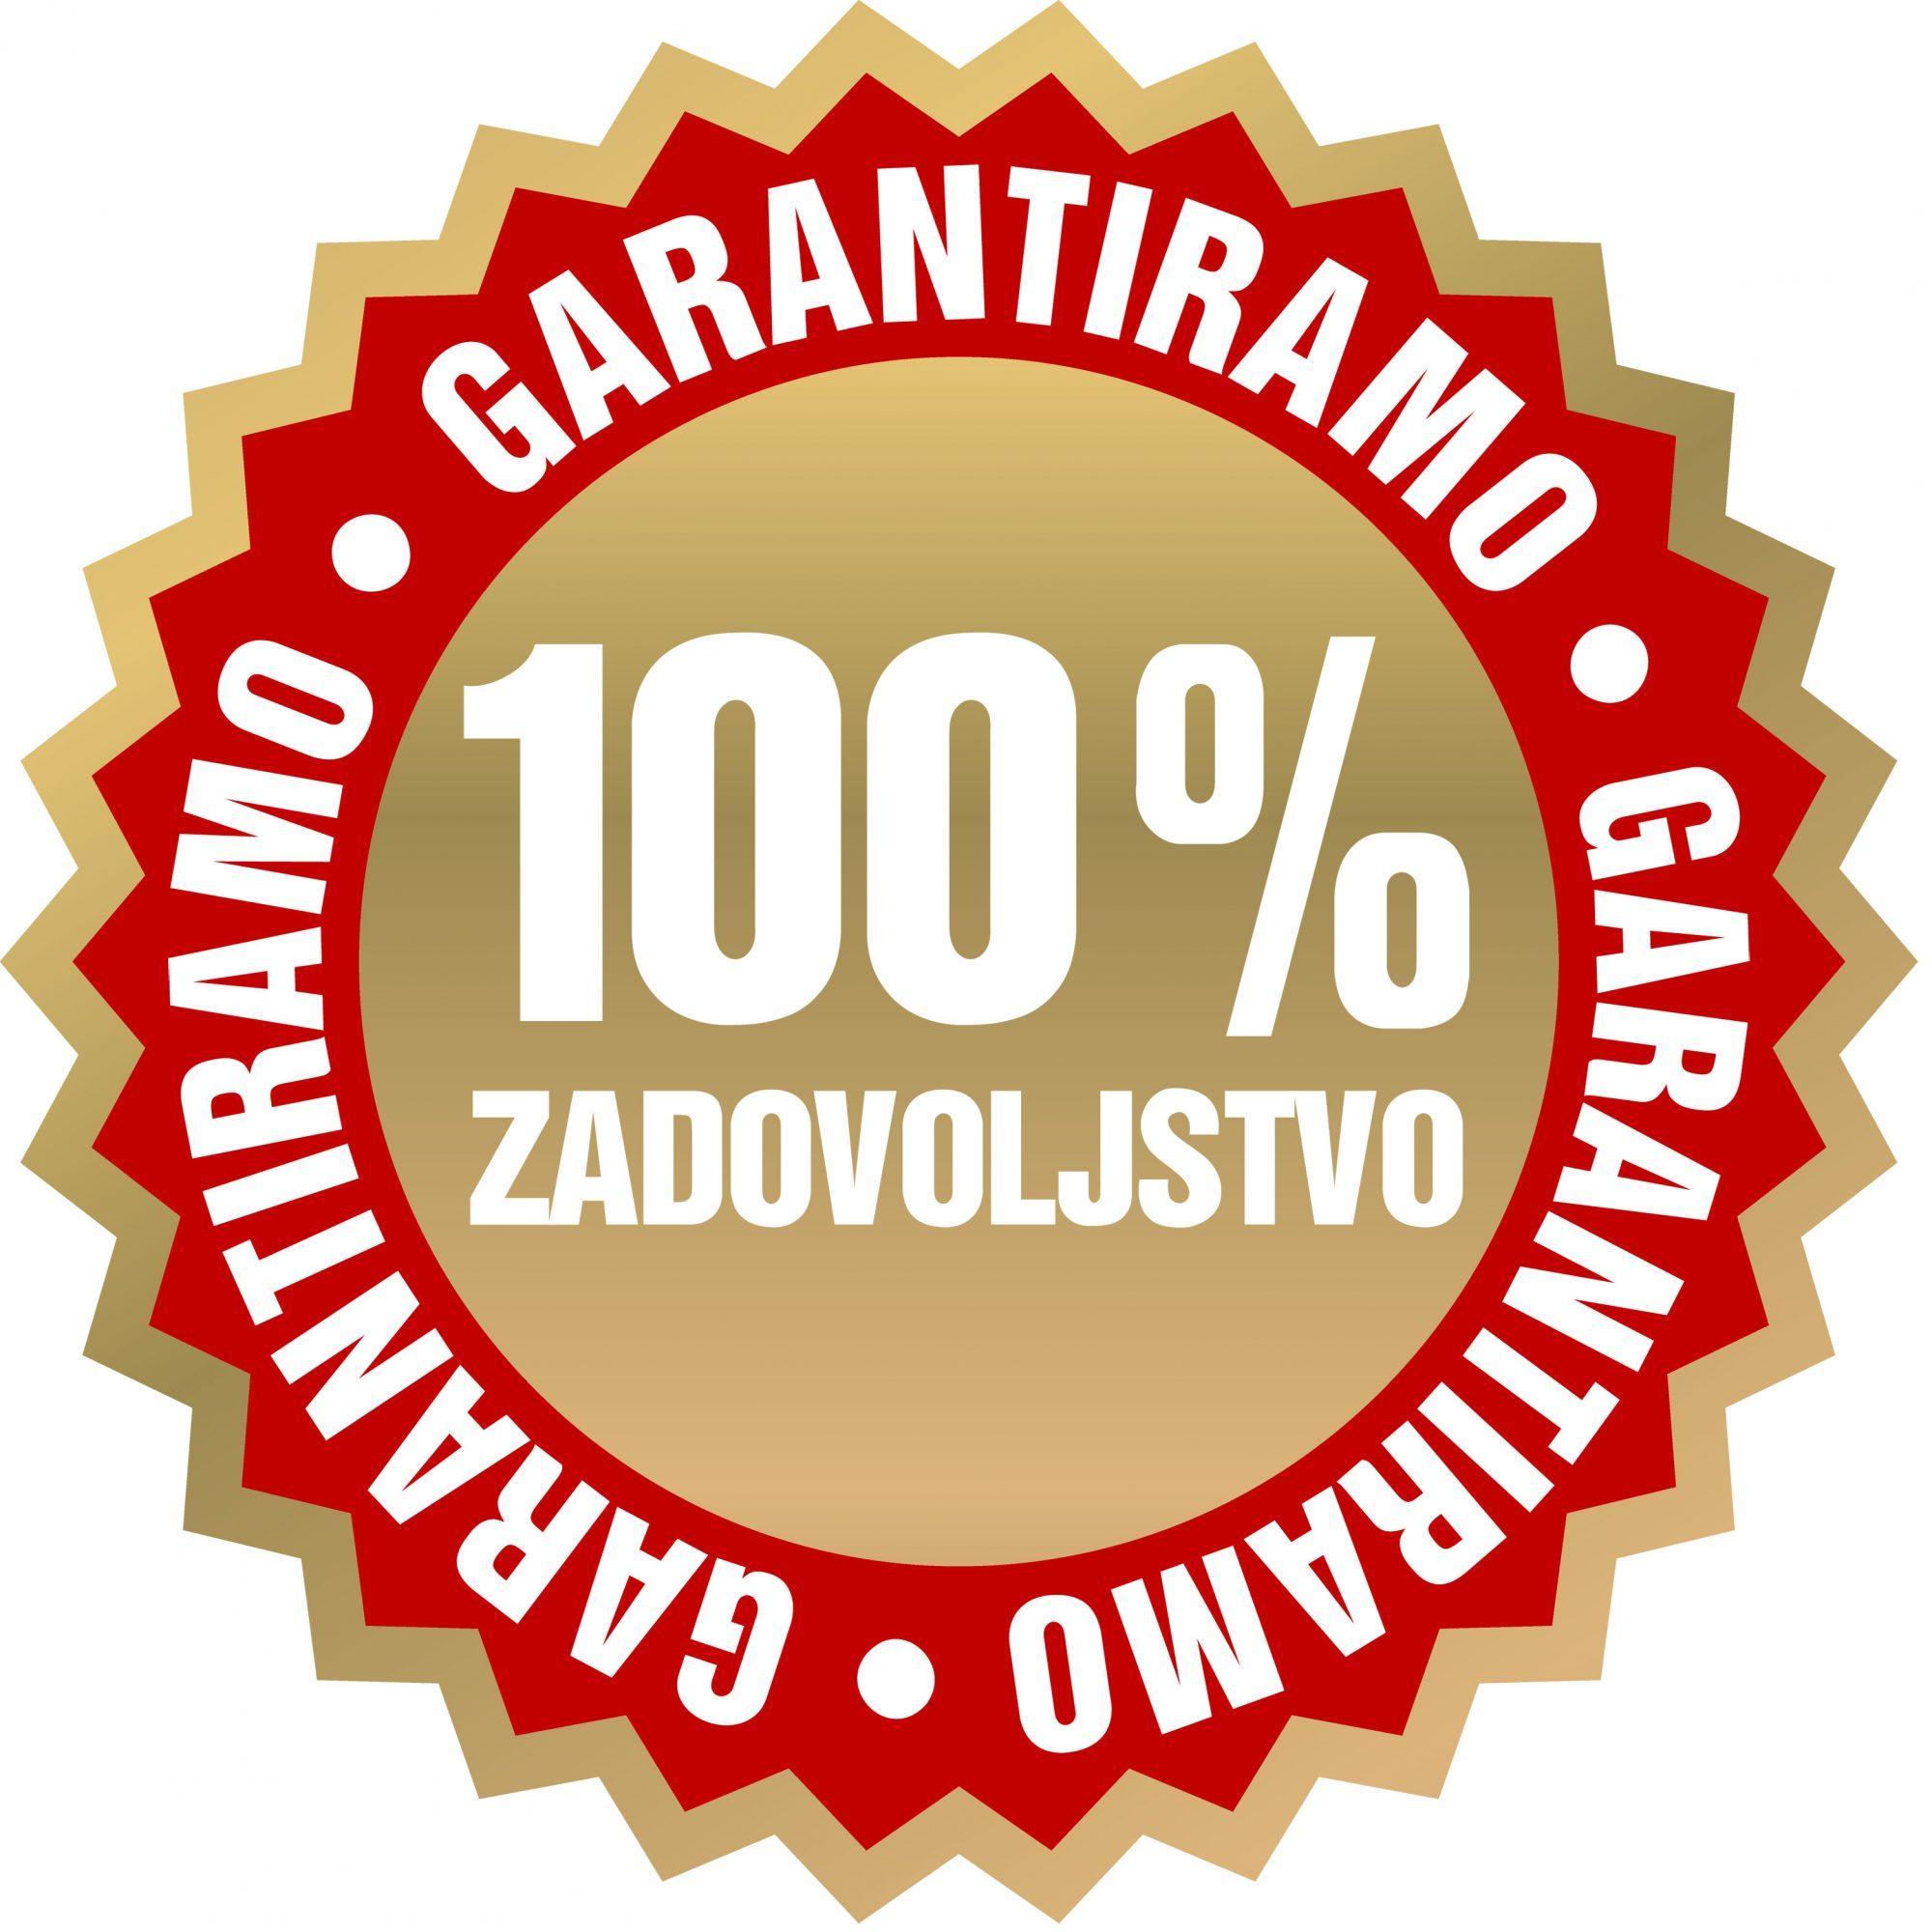 Merlinka 100%-tna garancija kvalitete